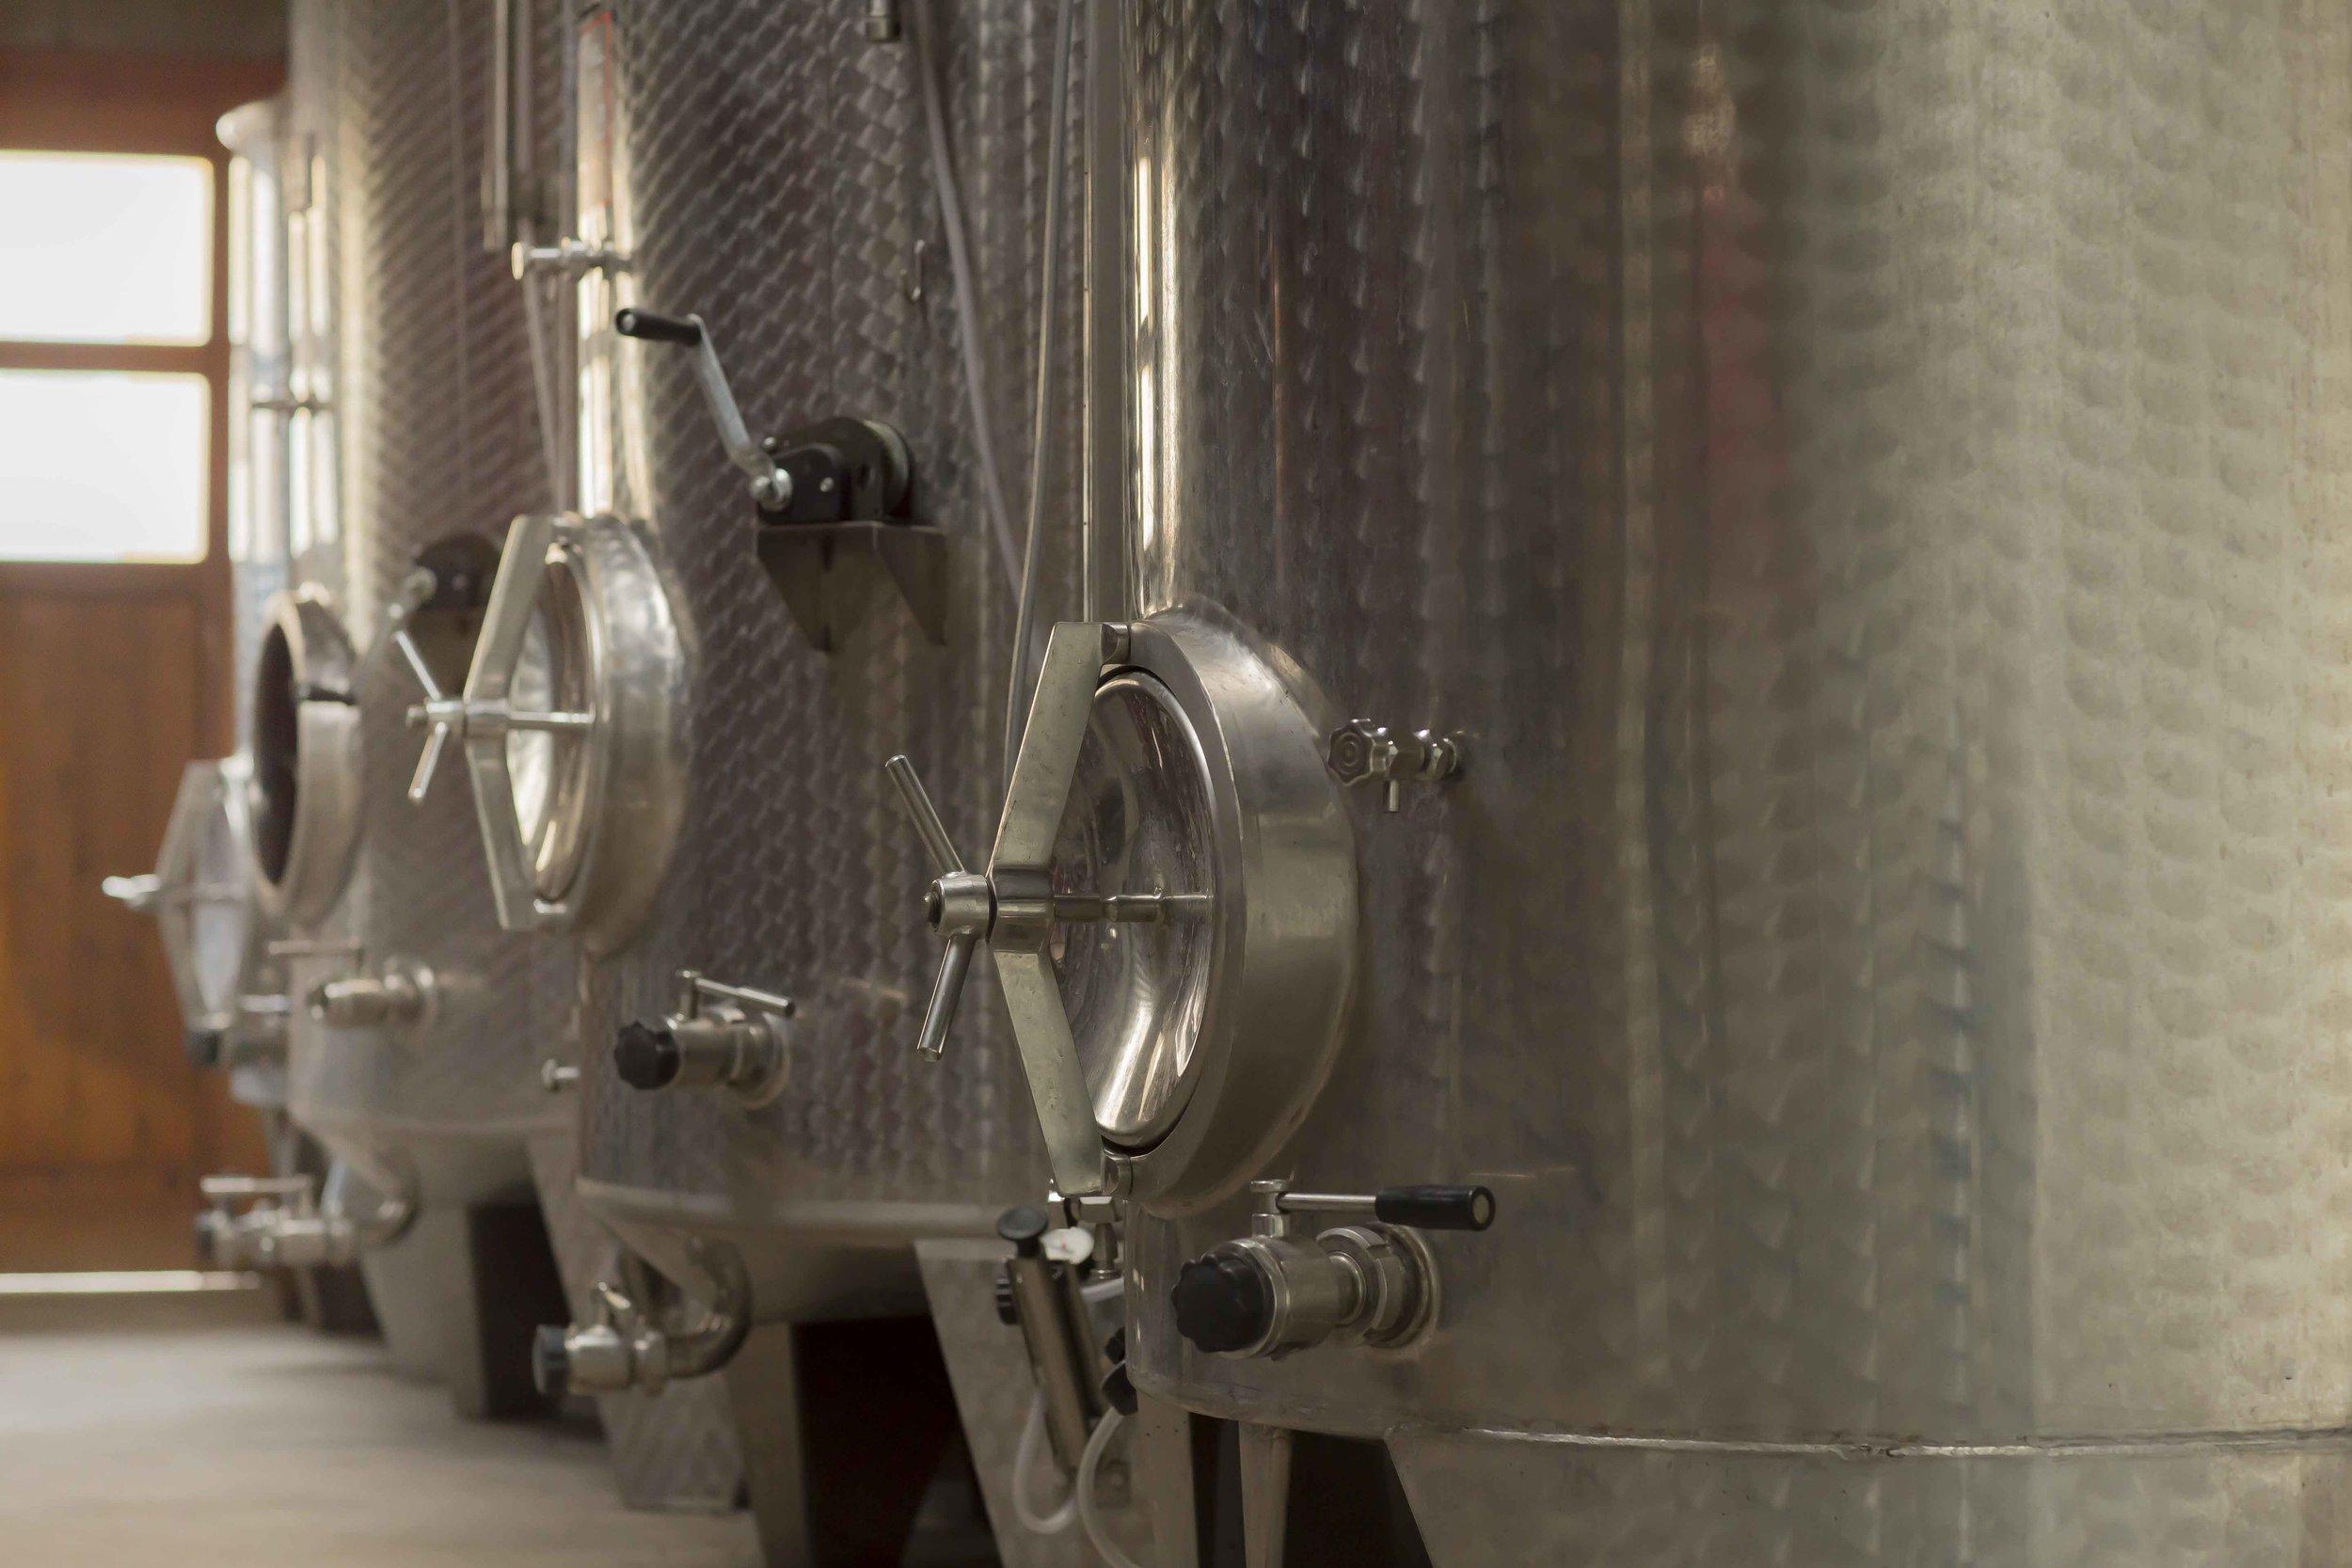 Vins d'Alsace; Domaine clement Leiber, Cave à vins, Vigneron-récoltant Grands vins d'Alsace, AOC Alsace grand cru, Vins en Alsace, le cépage alsacien, appellation Alsace grand cru, raisins, riesling, muscat, pinot gris, gewurztraminer, Gewutztaminer vendanges tardives, vendange tardive, vins de terroir alsacien, vins haut de gamme, Alsace grands crus, vins d'Alsace, Obermorschwihr, Colmar, Pfersigberg, Eichberg, cave vinicole, cave viticole, Vigneron-récoltant, Artisan vigneron, Serge Leiber, Centon d'Alsace, Pinot Blanc, Muscat d'Alsace, Rosé d'Alsace, Pinot Noir, Crémant d'Alsace, Crémant d'Alsace Rosé, Crémant d'Alsace Brut Impérial MAGNUM, Riesling Terre Jaune, Pinot Gris, Grand Cru Pfersigberg, Gewurztraminer Grand Cru Eichberg, Pinot Gris 2015 Barrique des Perles, Gewurztraminer 2015 Lune Rouge, Eaux-de-Vie, Quetsch d'Alsace, Marc de Gewurztraminer, Kirsch, Mirabelle, Poire William, Framboise, oenotourisme, Domaine viticole, domaine vinicole, Caves de Voegtlingshoffen, Cave à vins Eguisheim, Dégustation de vins alsacien, Dégustation et vente de vins alsaciens, Caves de Herrlisheim, Caves de Husseren-Les-Châteaux, Caves de Gueberschwihr,